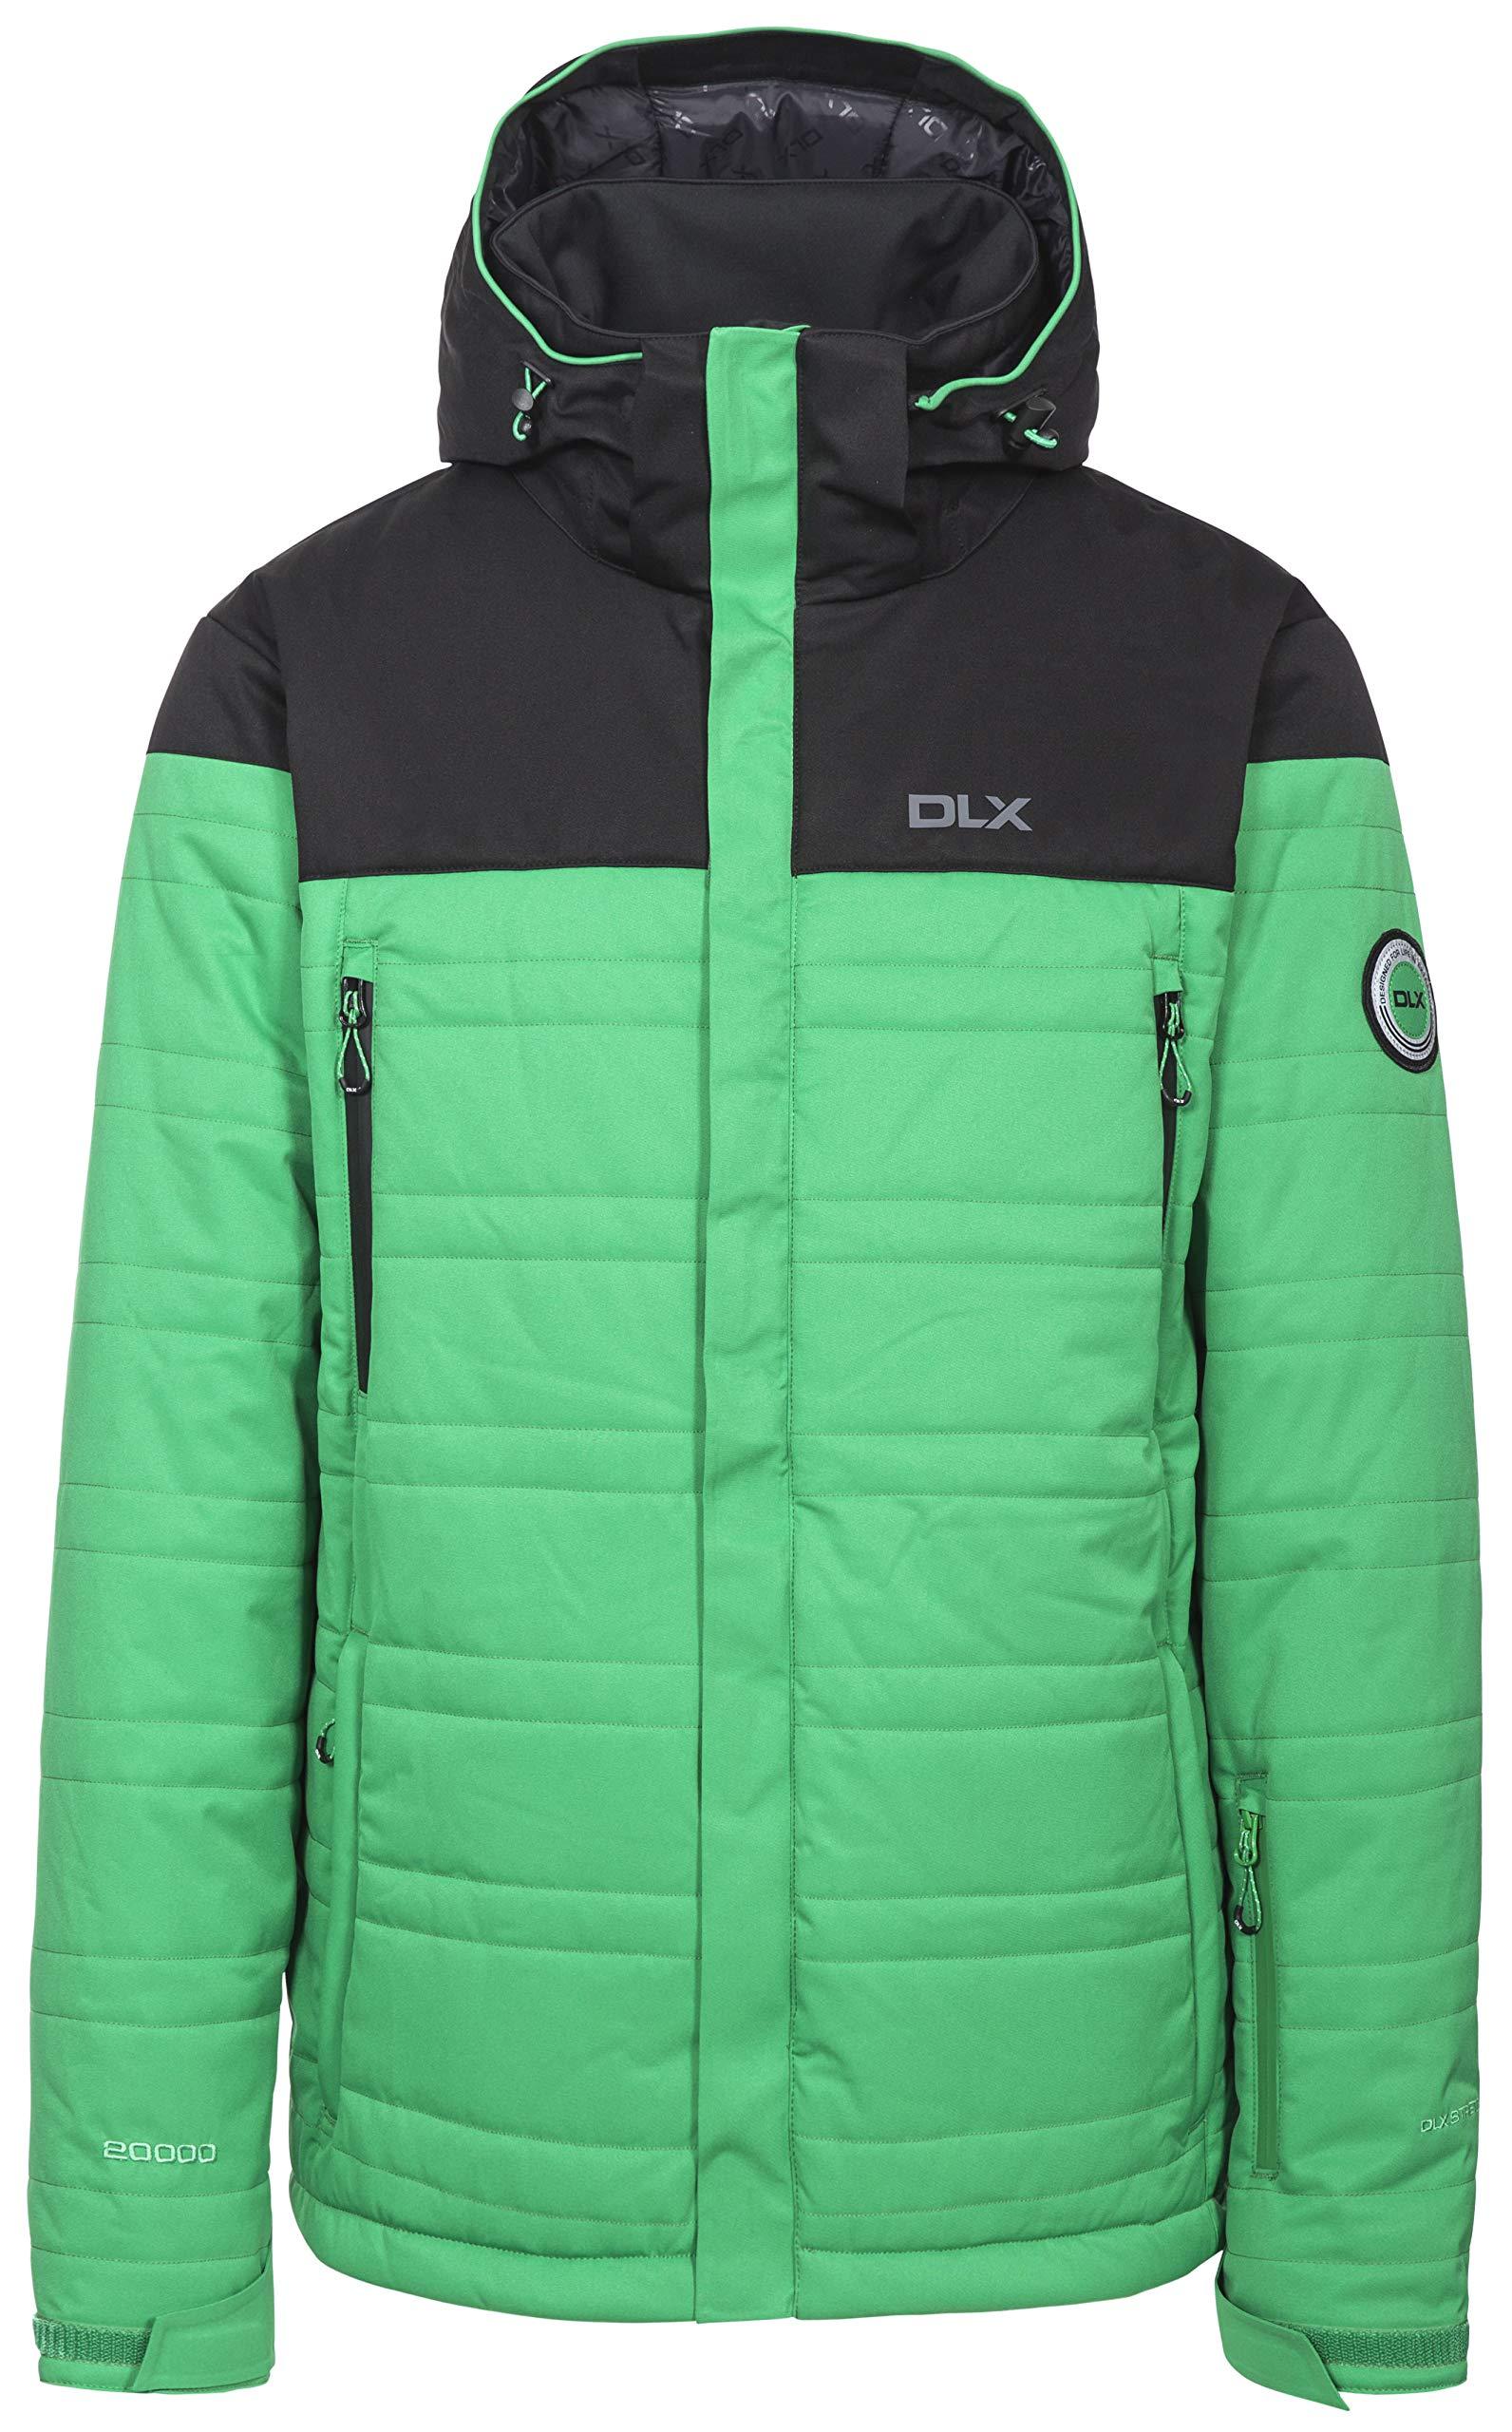 Hayes Men's DLX Insulated Stretch Ski Jacket - CLOVER XXS